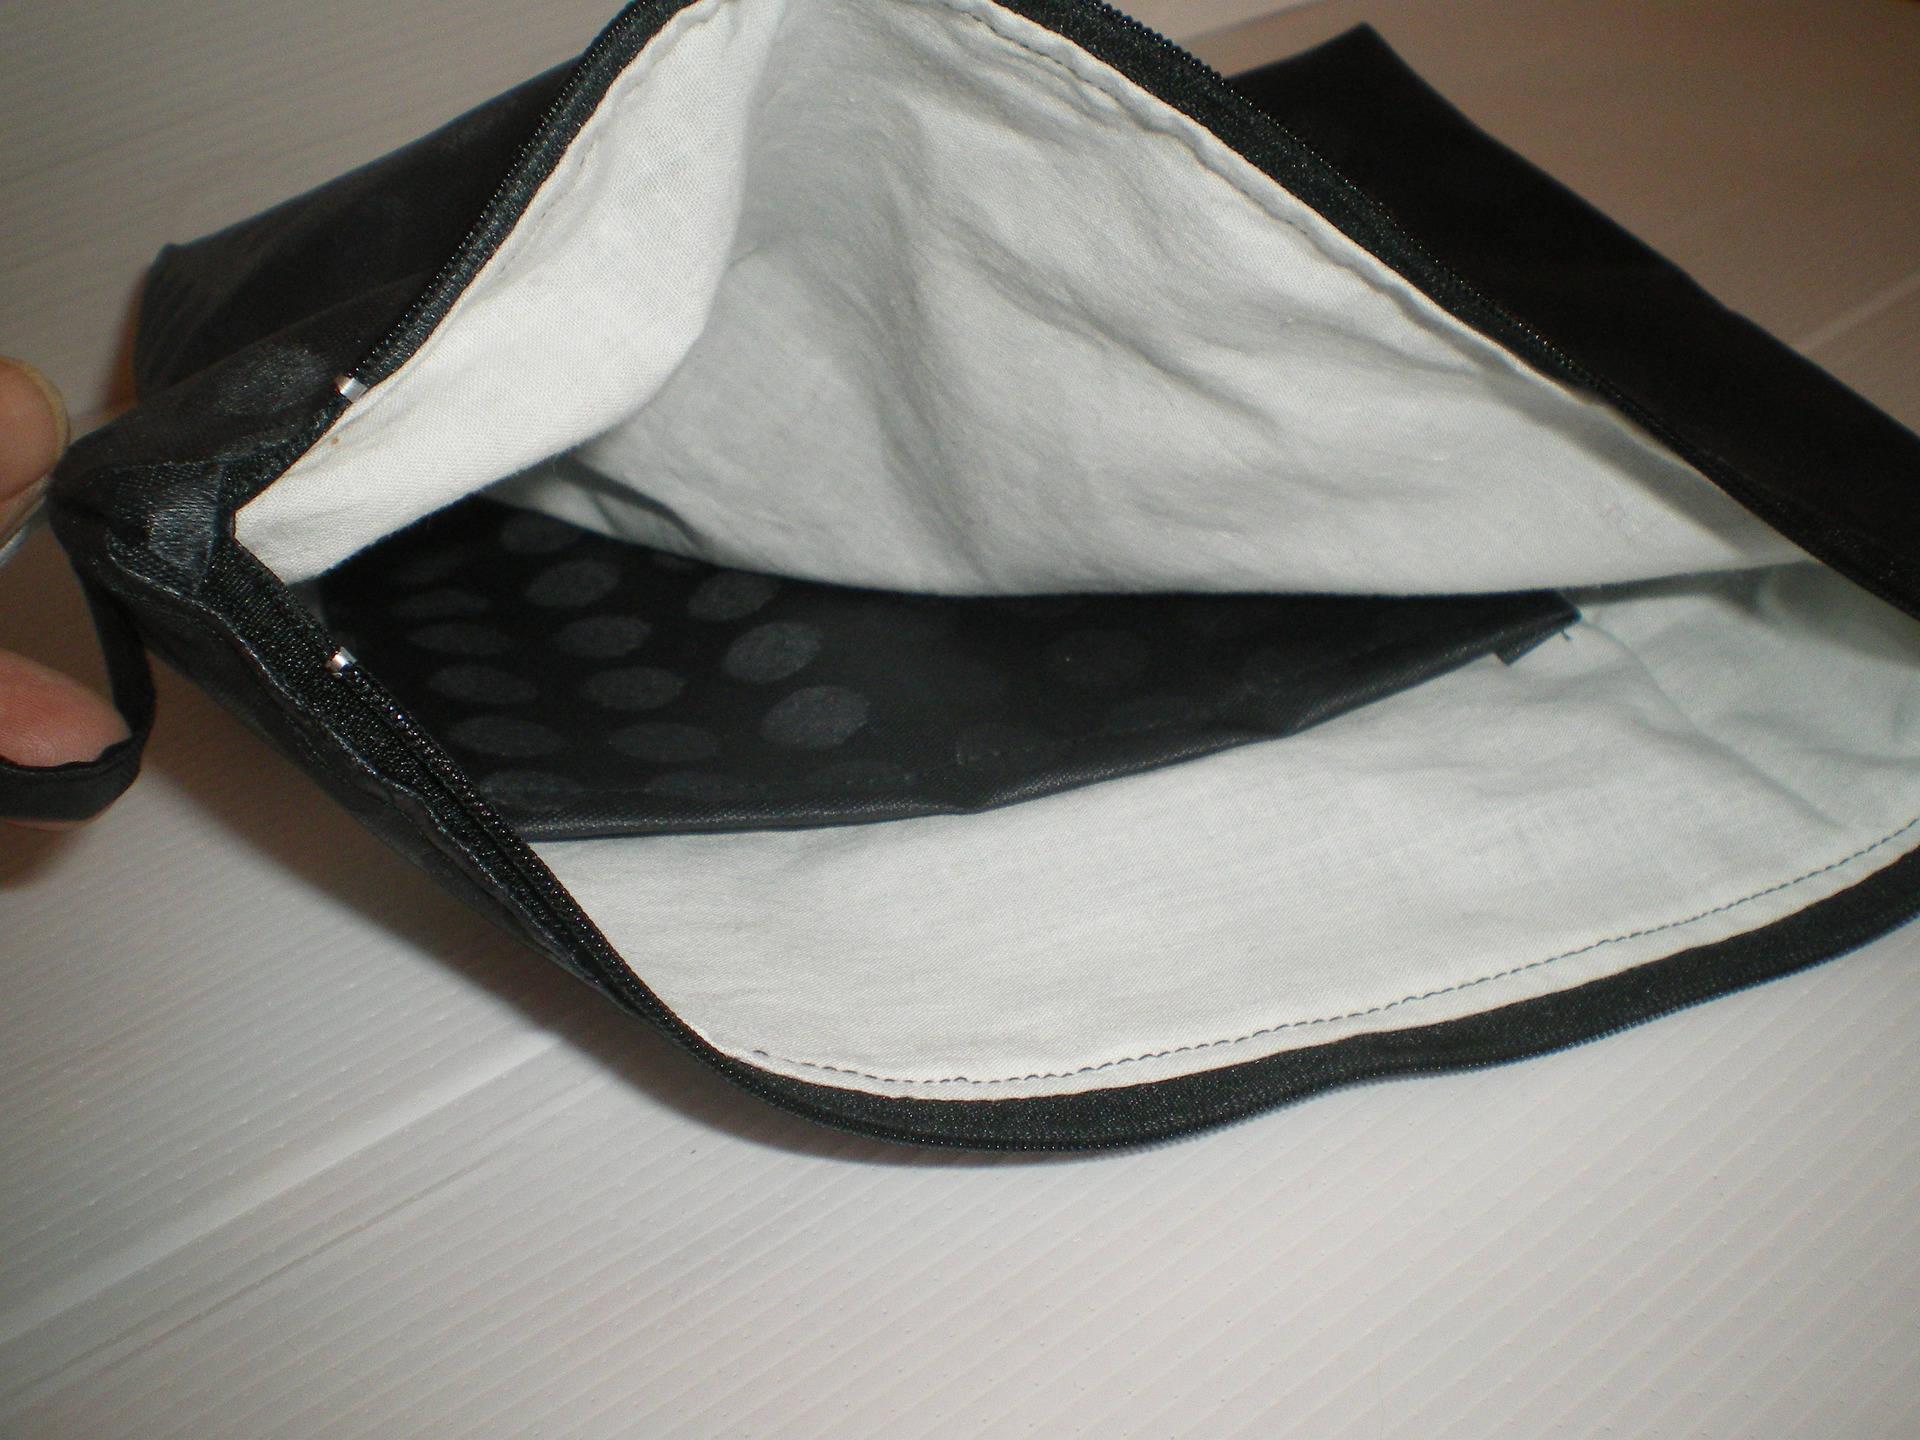 trousse de toilette en coton enduit noir doublée coton blanc